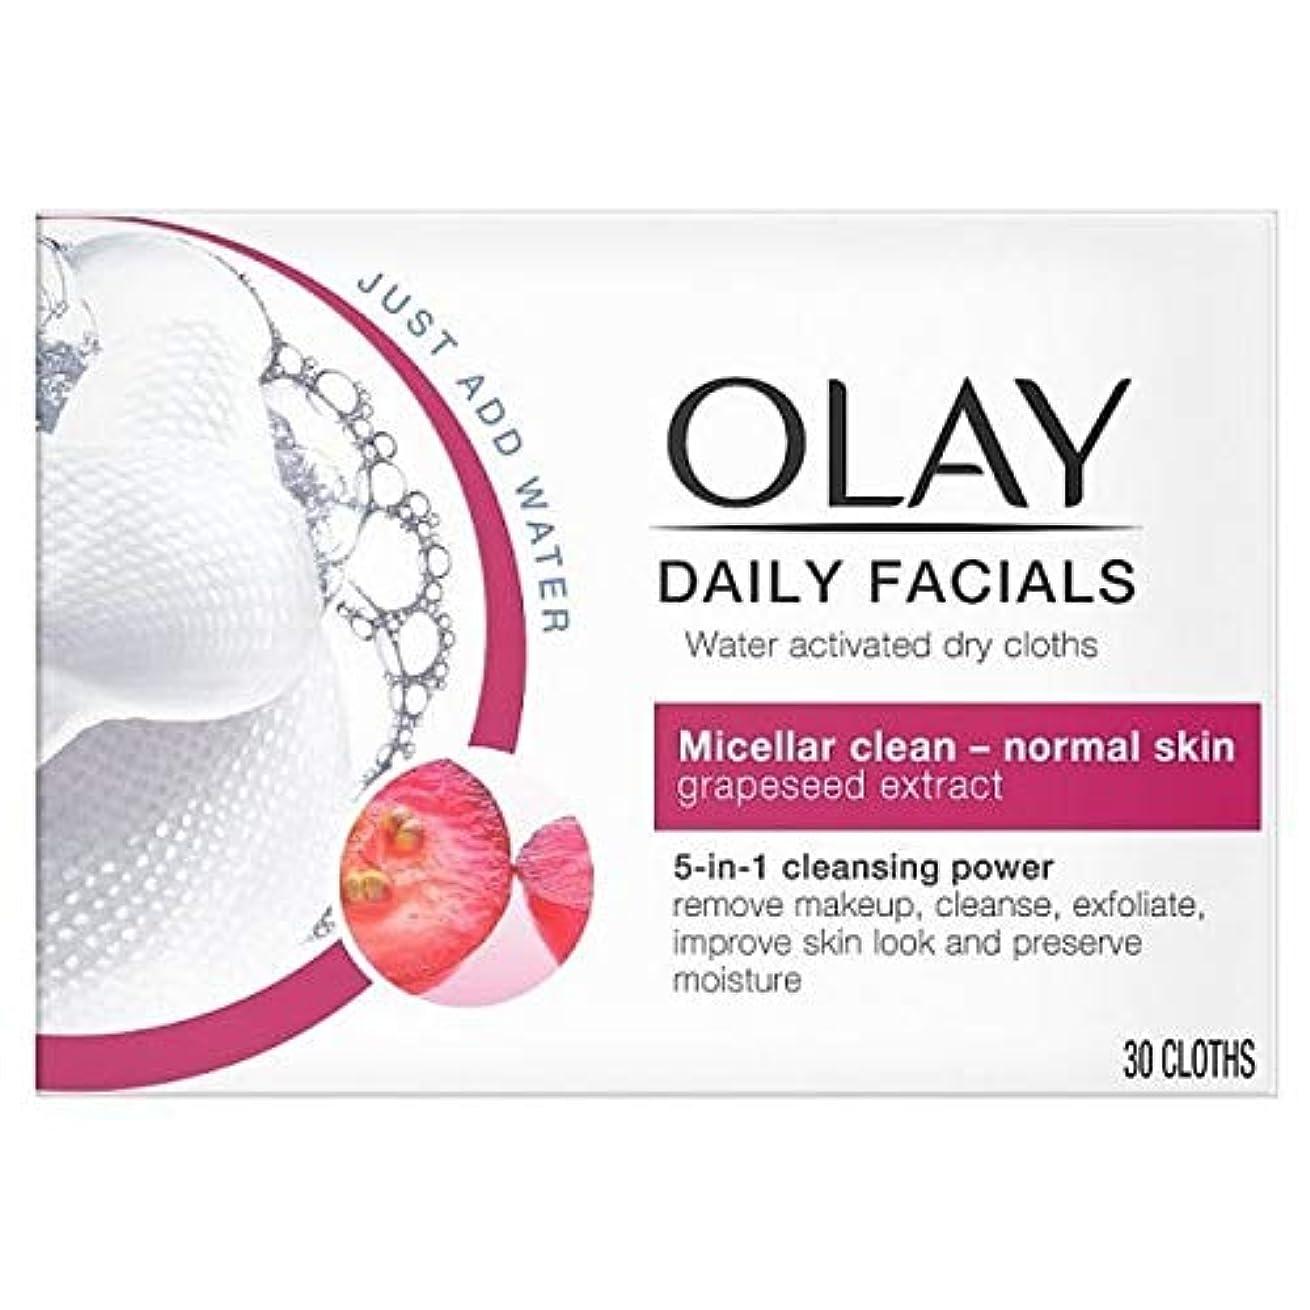 革命的ベルト盟主[Olay ] オーレイ毎日フェイシャル5-In1は乾燥布 - 正常な皮膚 - Olay Daily Facials 5-in1 Dry Cloths - Normal Skin [並行輸入品]